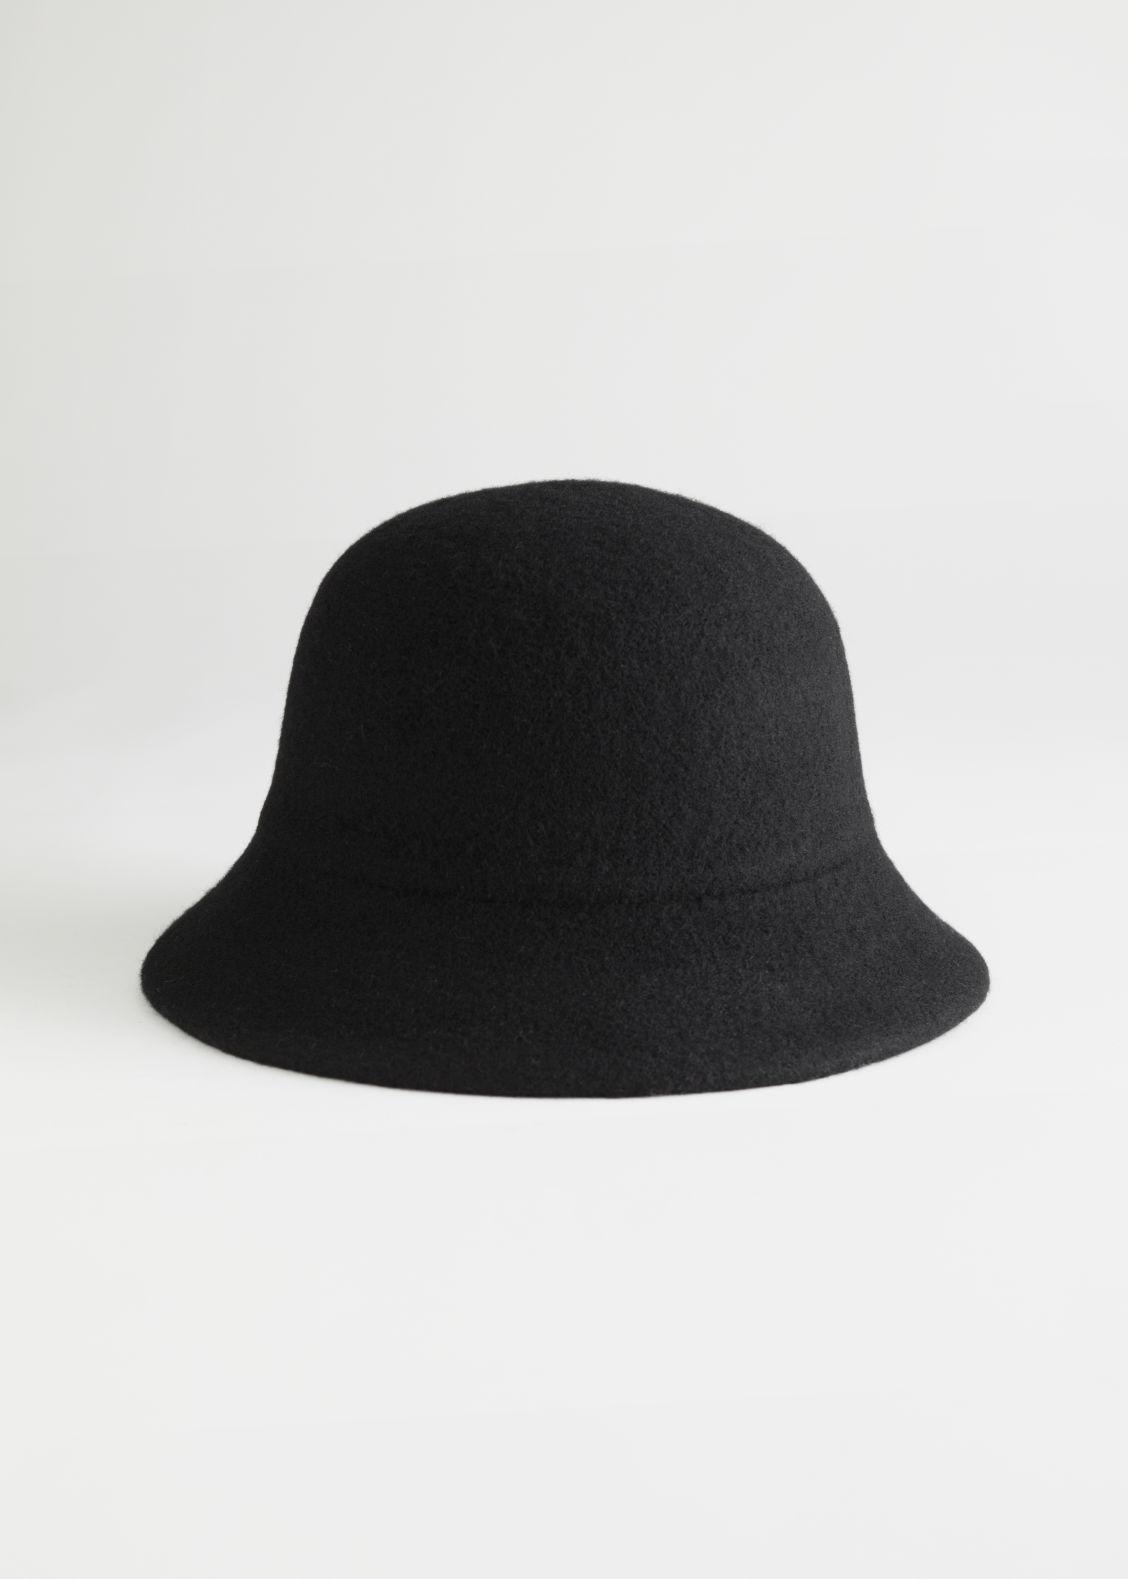 앤 아더 스토리즈 버킷햇 & OTHER STORIES Wool Blend Structured Bucket Hat,Black